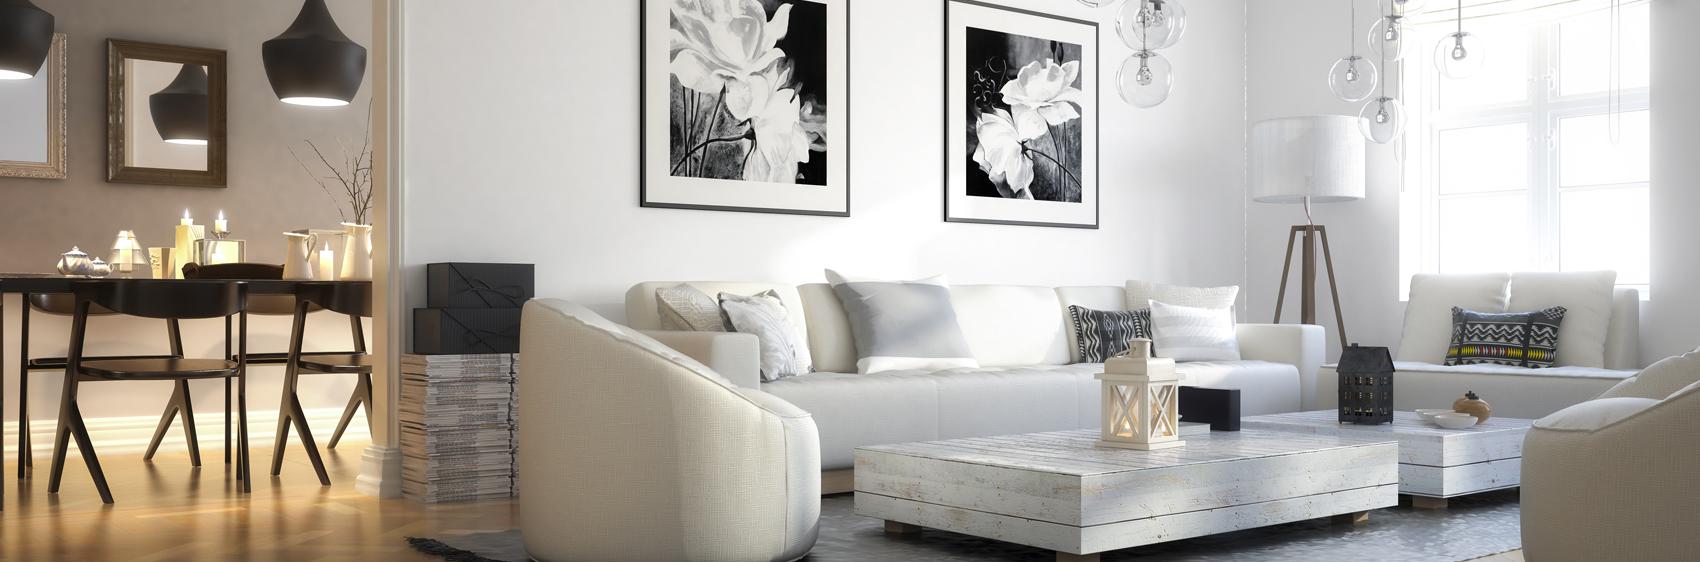 intérieur épuré avec canapé blanc